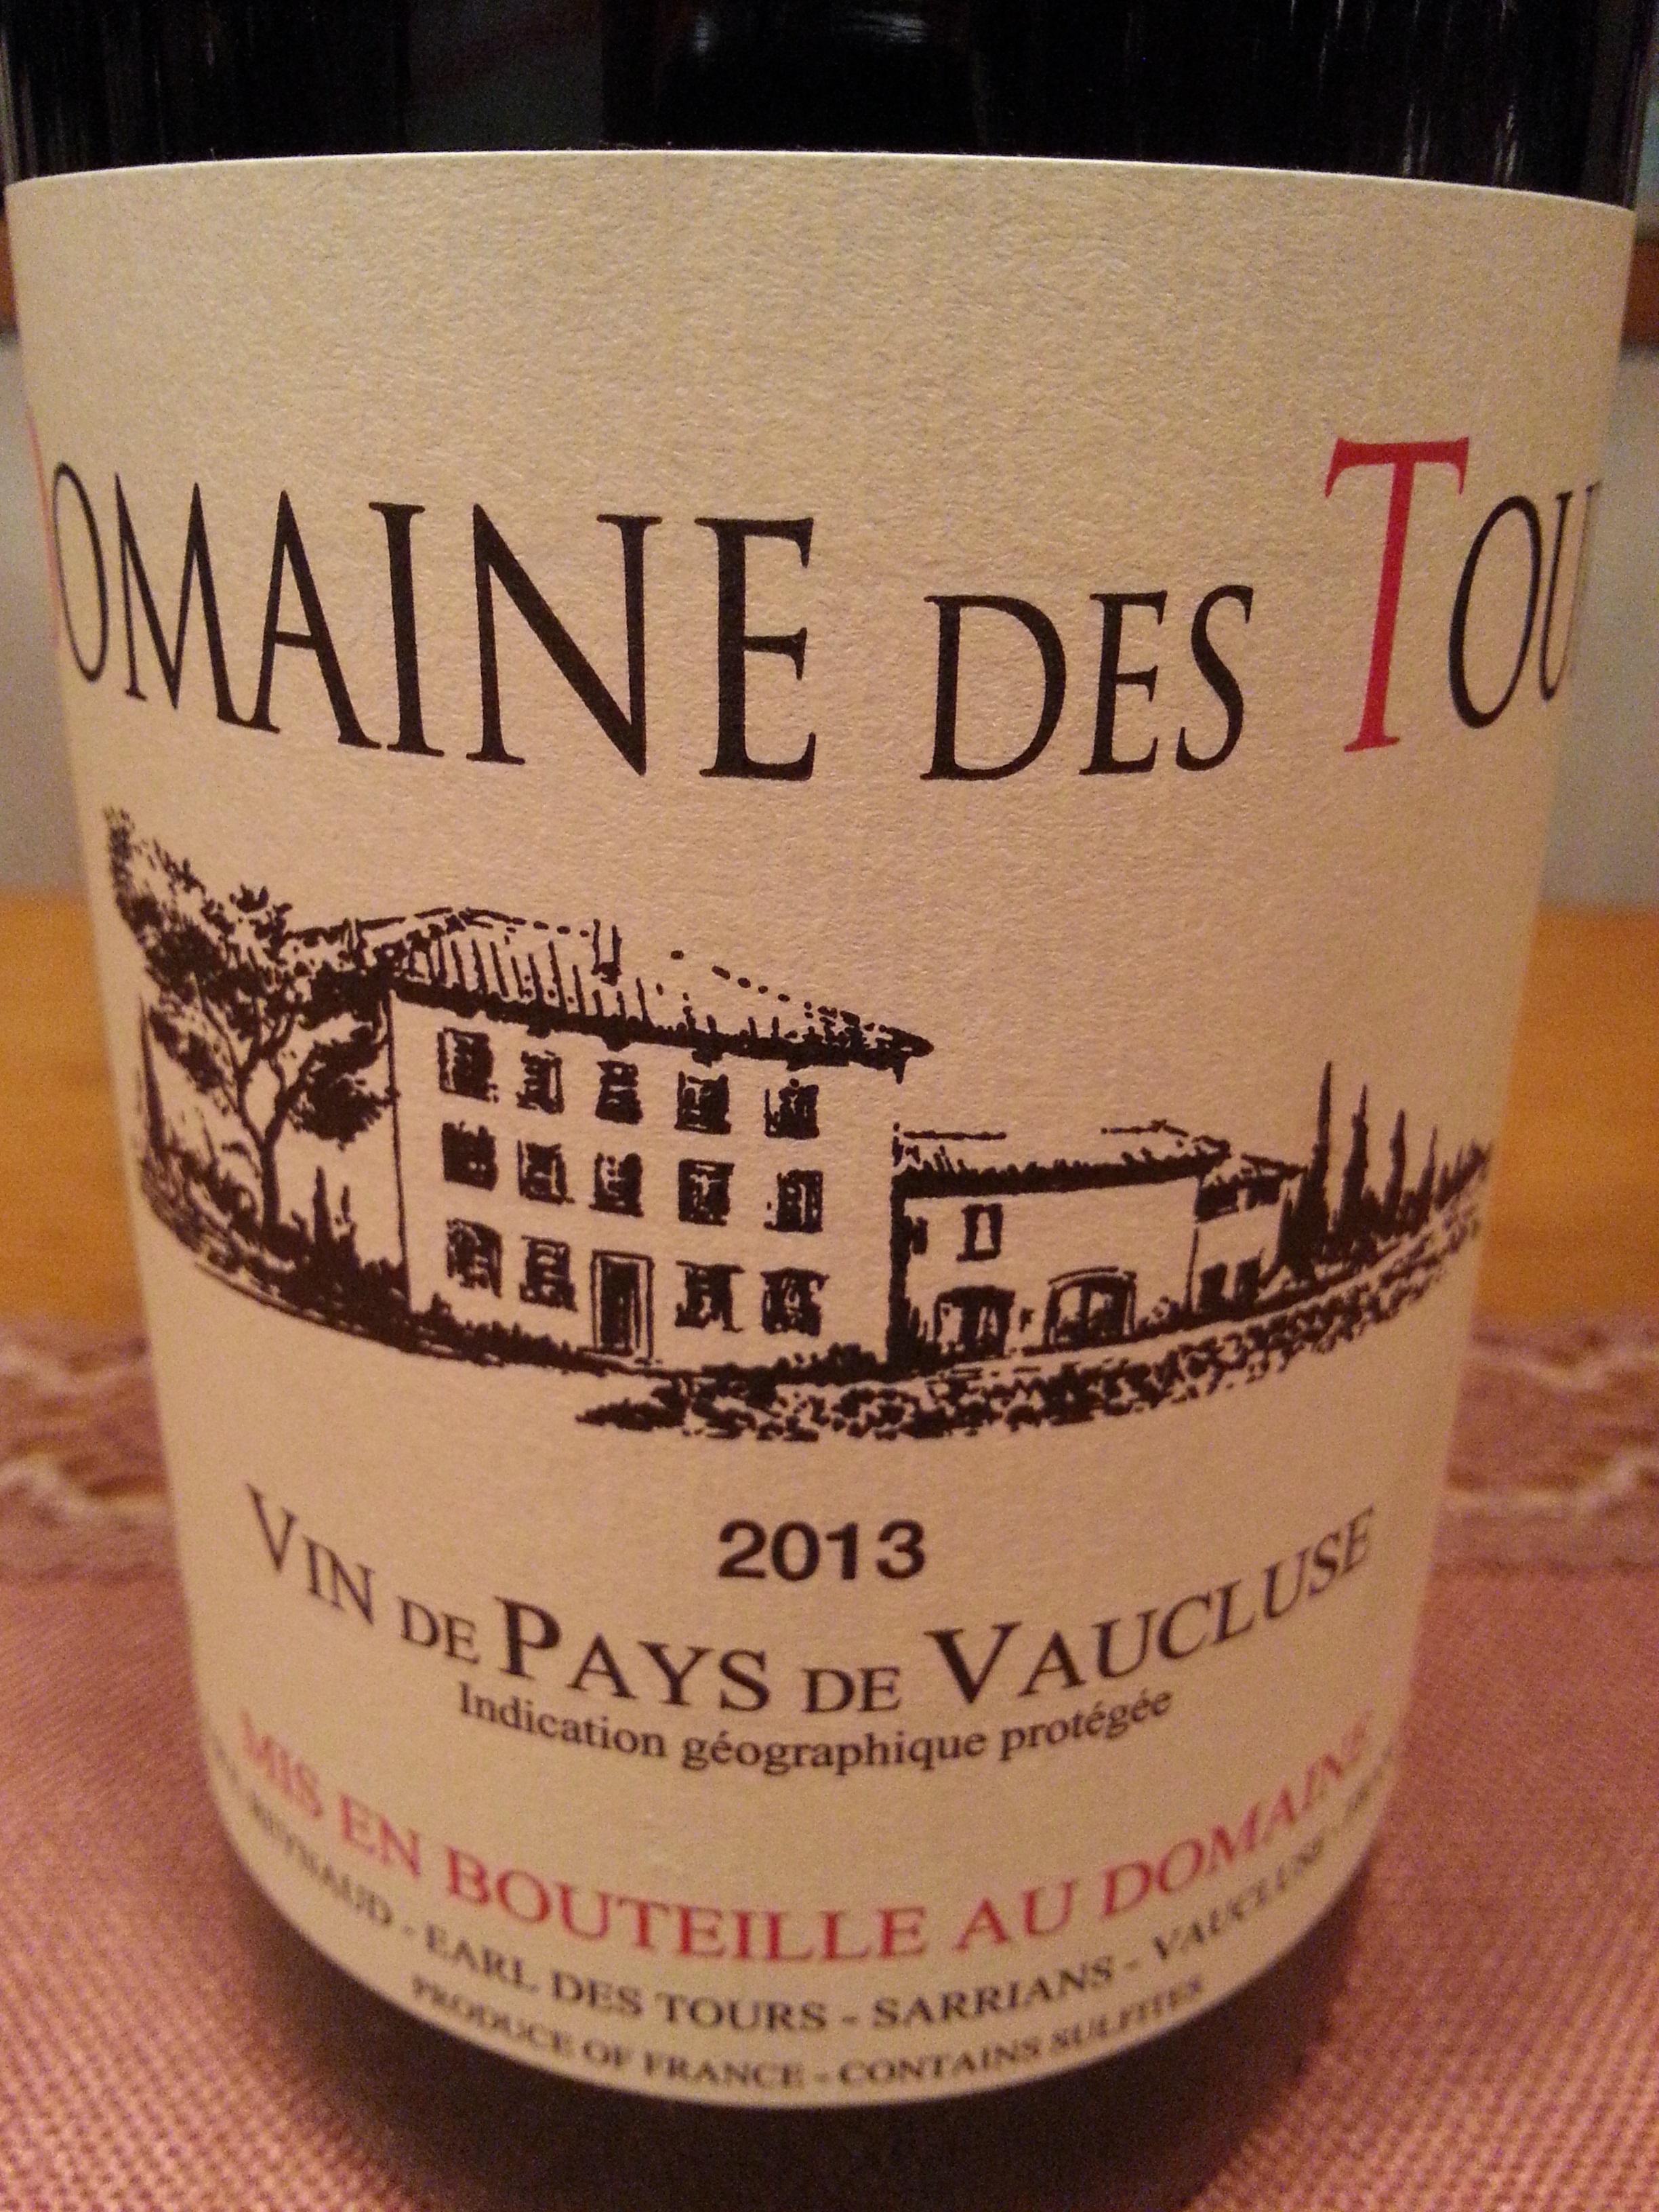 2013 Domaine des Tours Vaucluse | Domaine des Tours